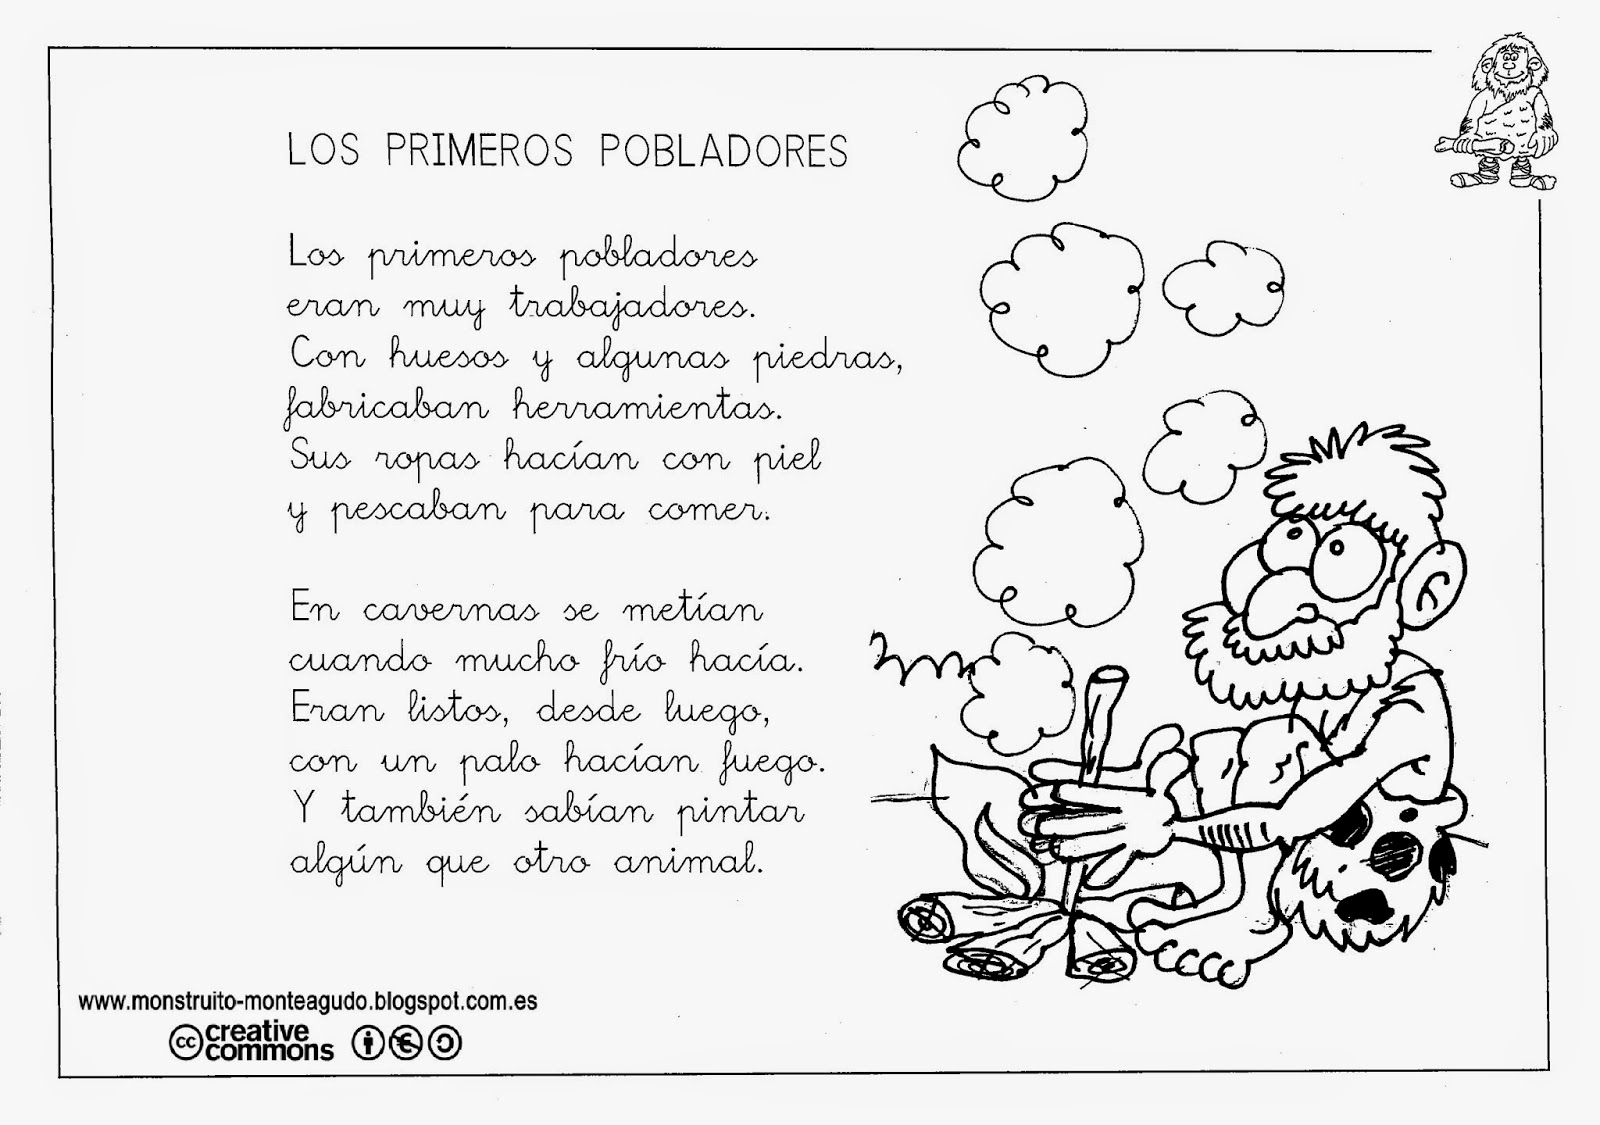 Dibujos De Prehistoria Para Ninos Para Colorear: Imagenes De La Prehistoria Para Niños